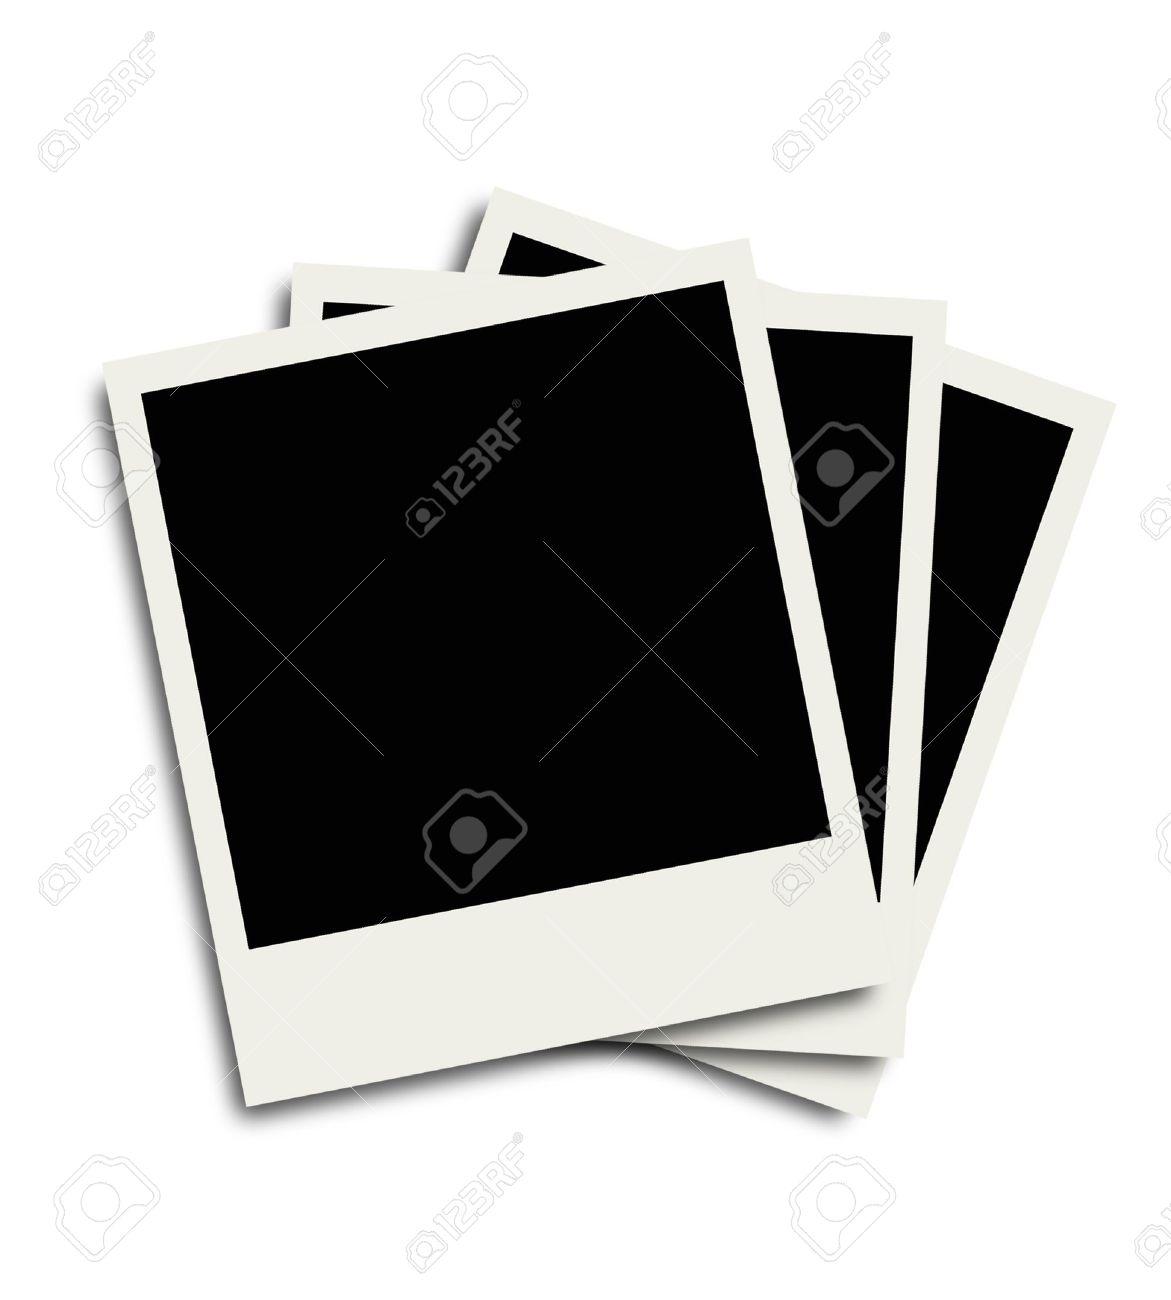 Papel Fotográfico Polaroid Fotos, Retratos, Imágenes Y Fotografía De ...